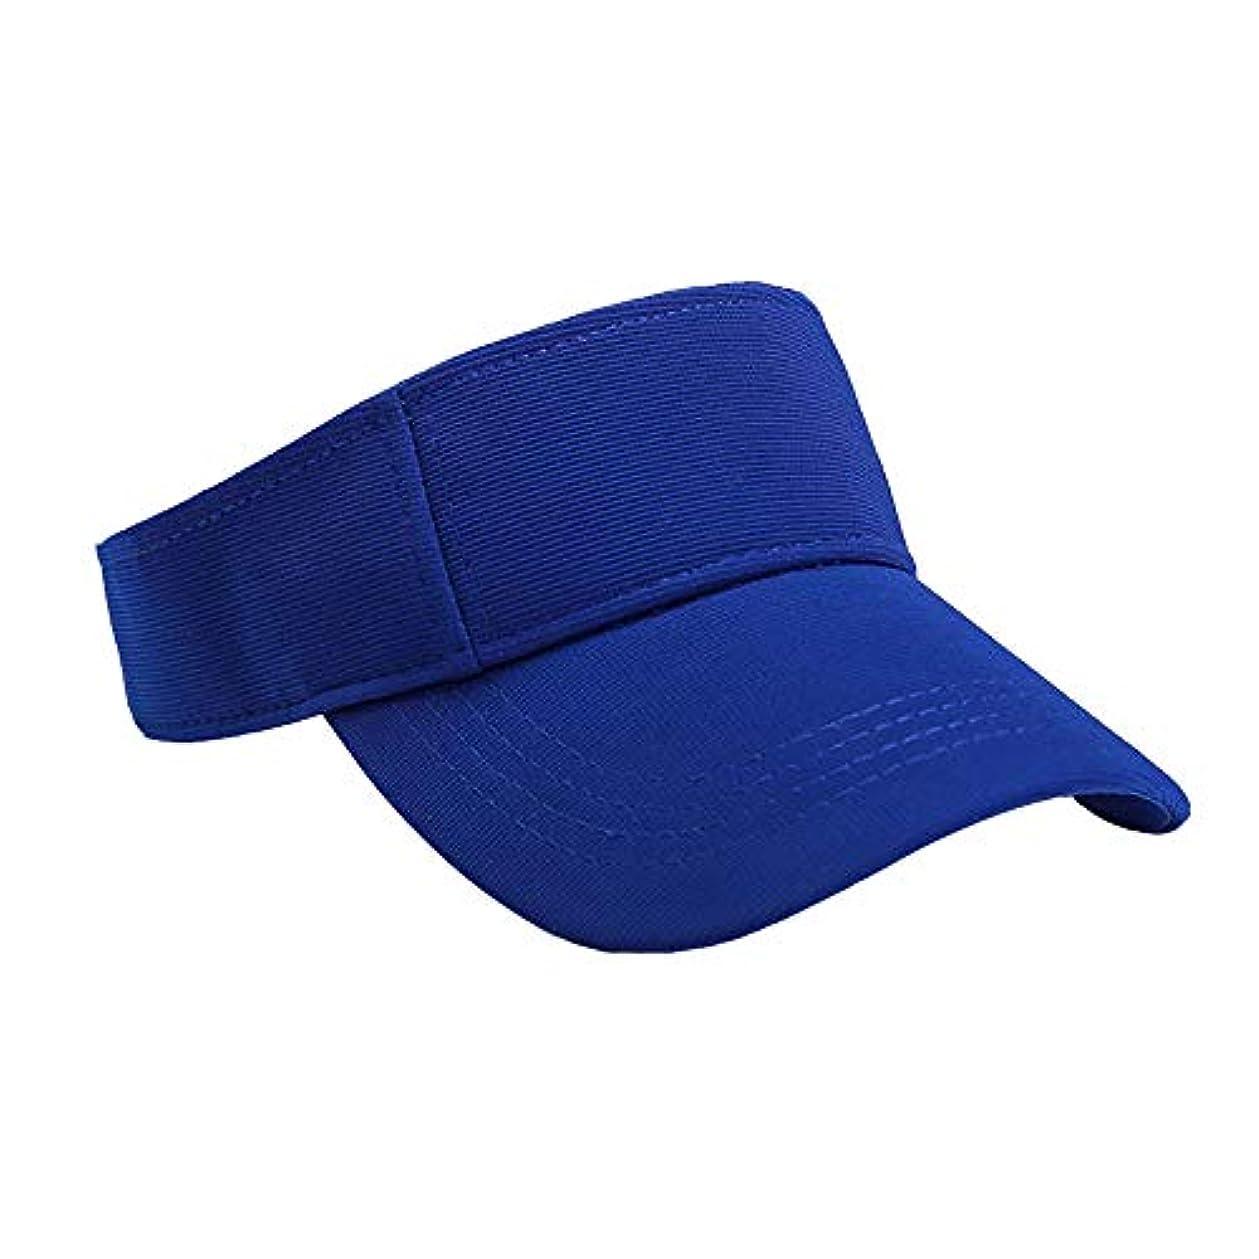 線形添加剤ボードMerssavo ユニセックスサマースポーツキャップ、サン帽子レディーステニスゴルフバイザーメッシュ野球帽、調節可能な屋外オープントップヘッドトラベルハイキング帽子、ブルー